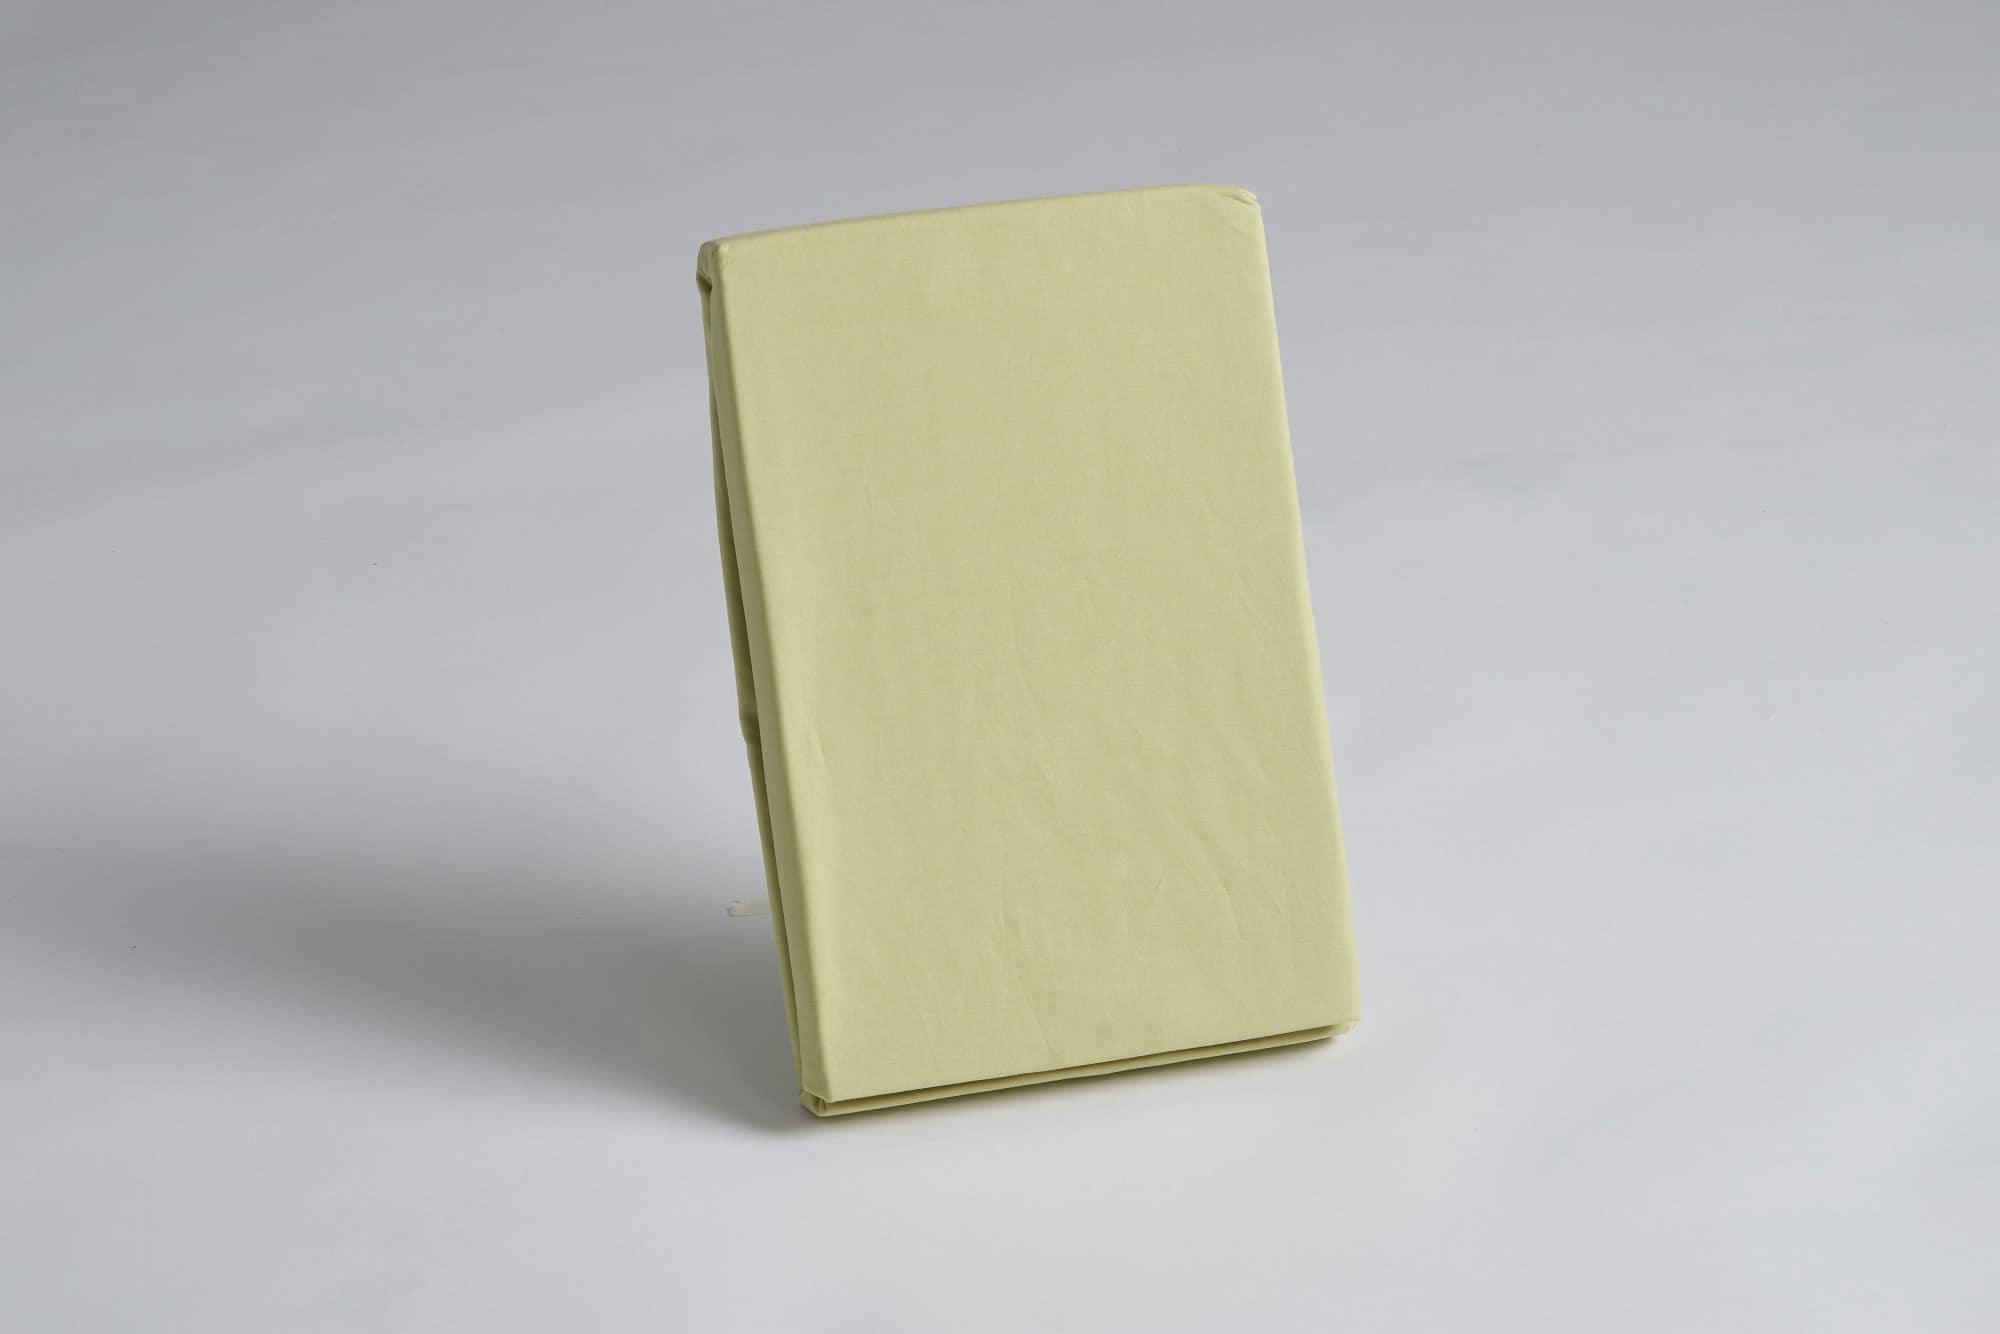 ボックスシーツ クイーン2用 45H グリーン:《綿100%を使用したボックスシーツ》